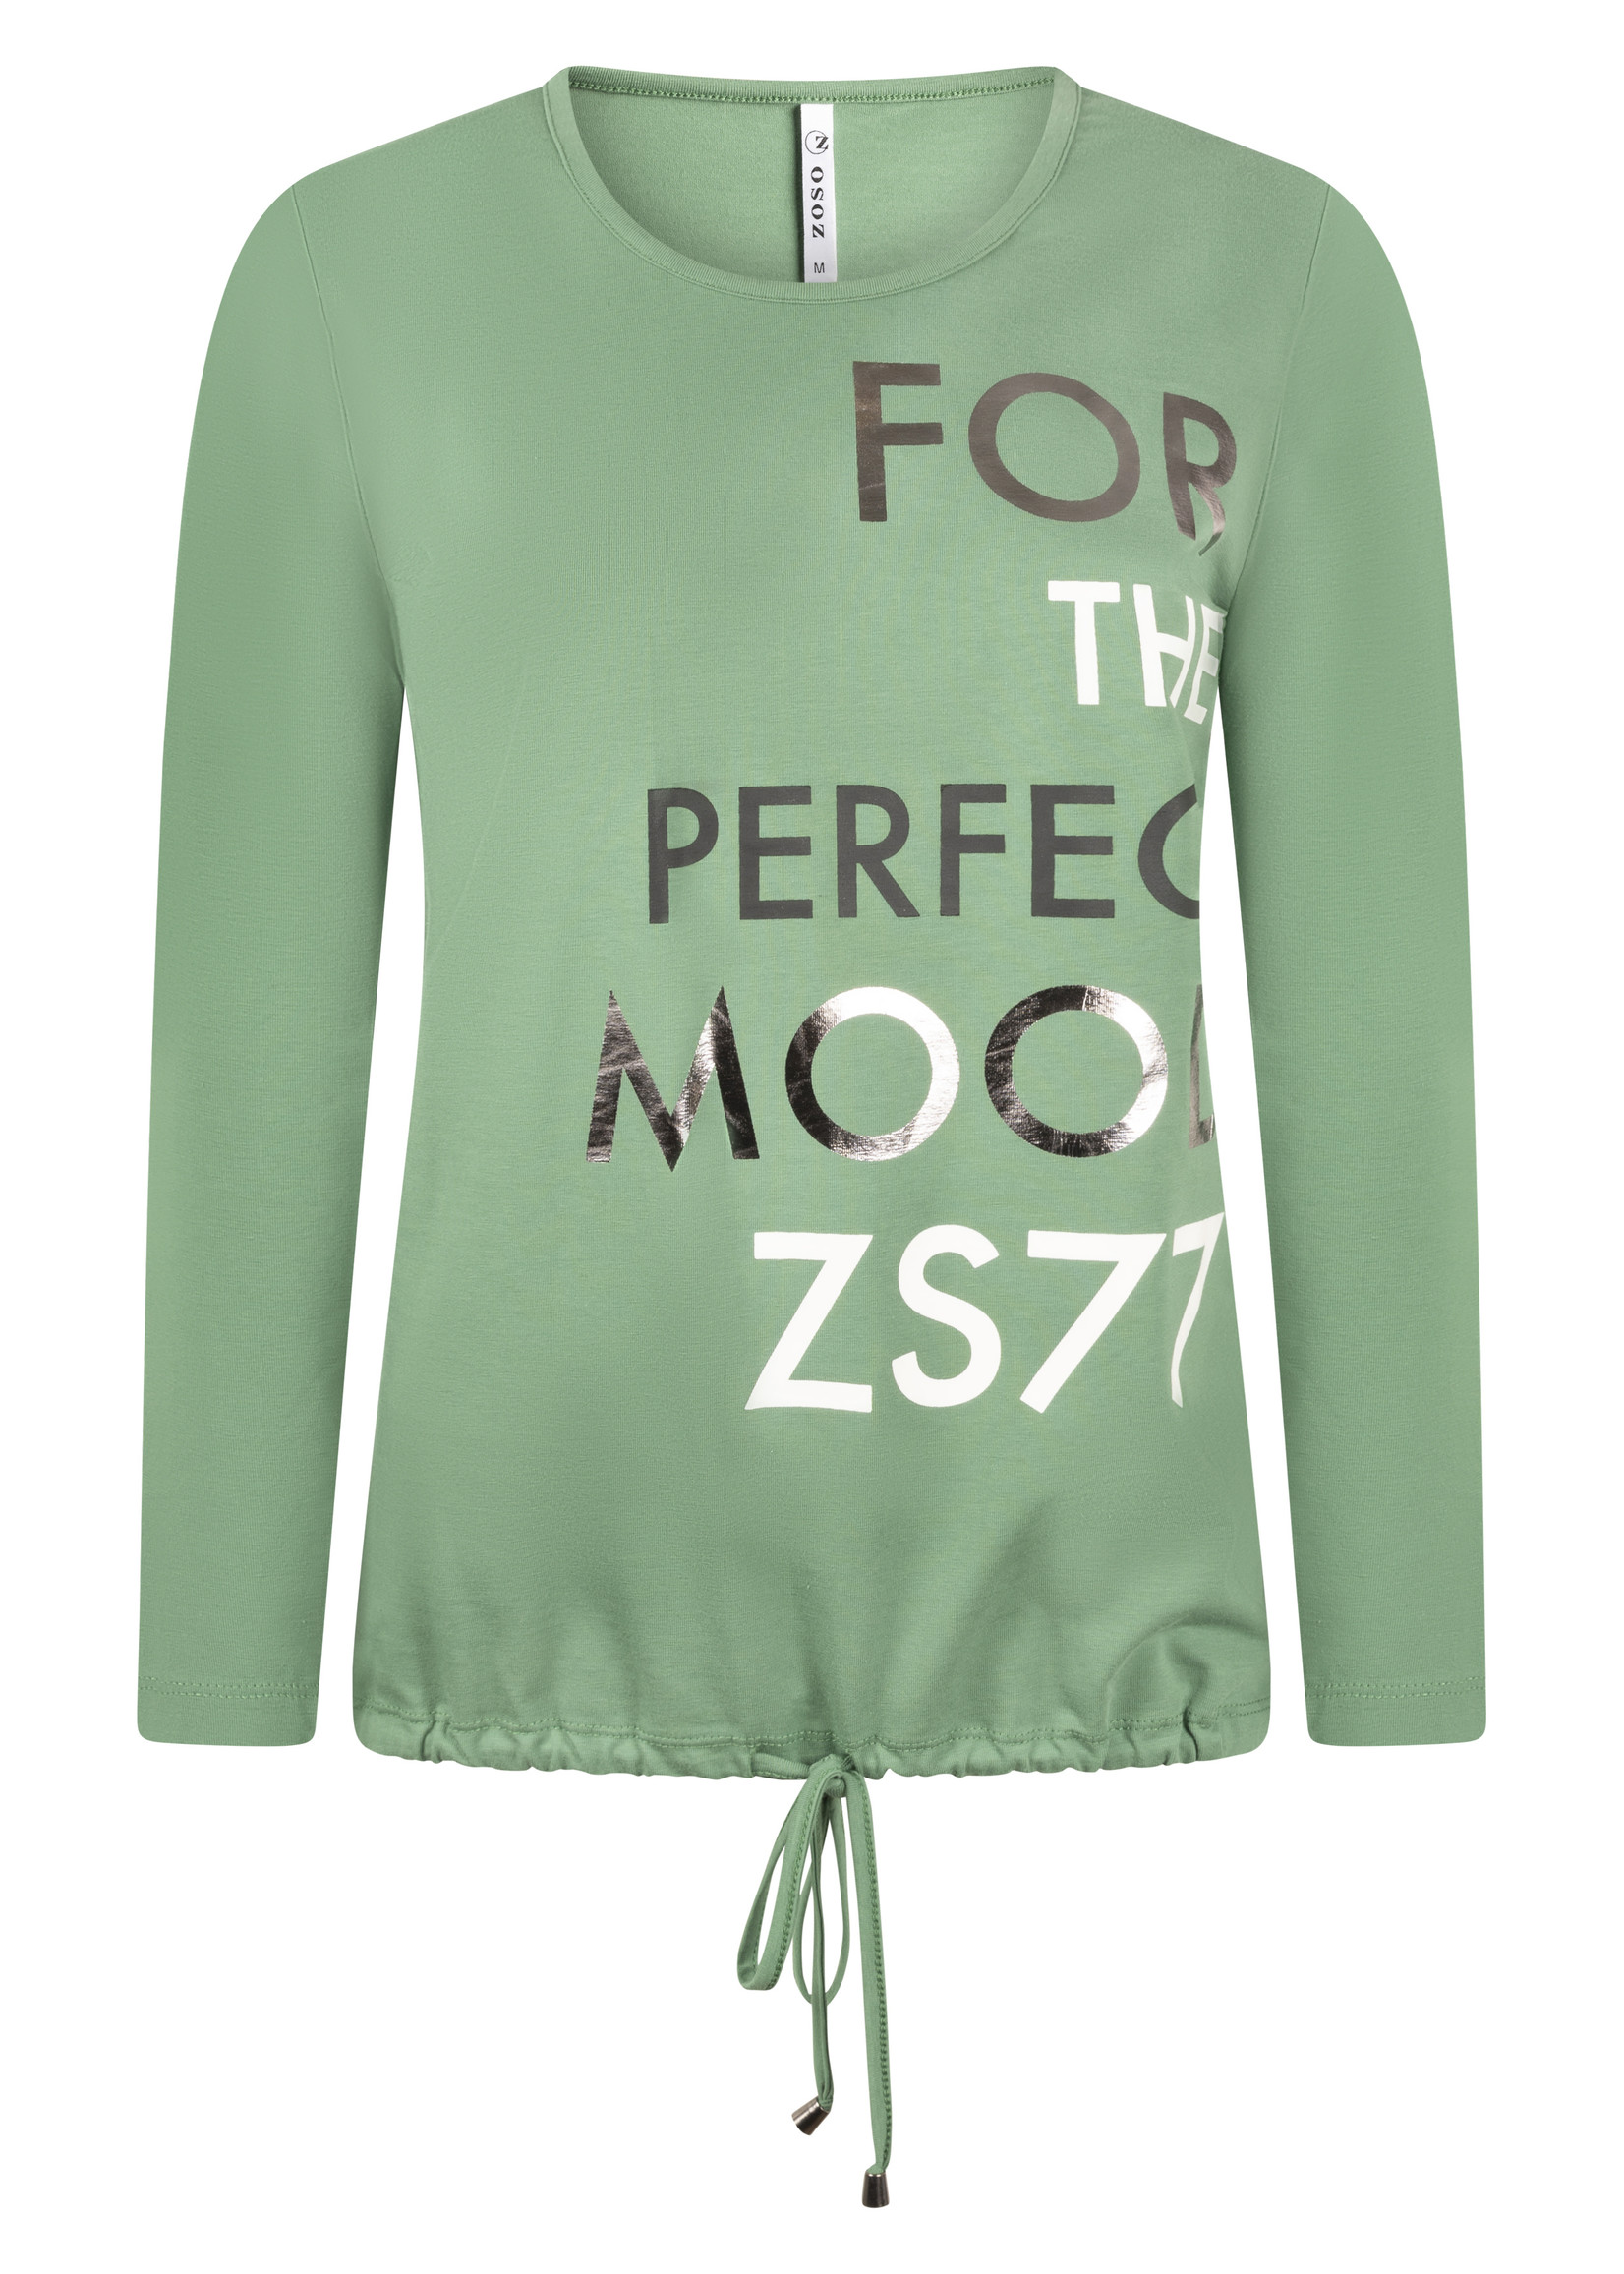 Zoso Zoso - Mood -Shirt - Green